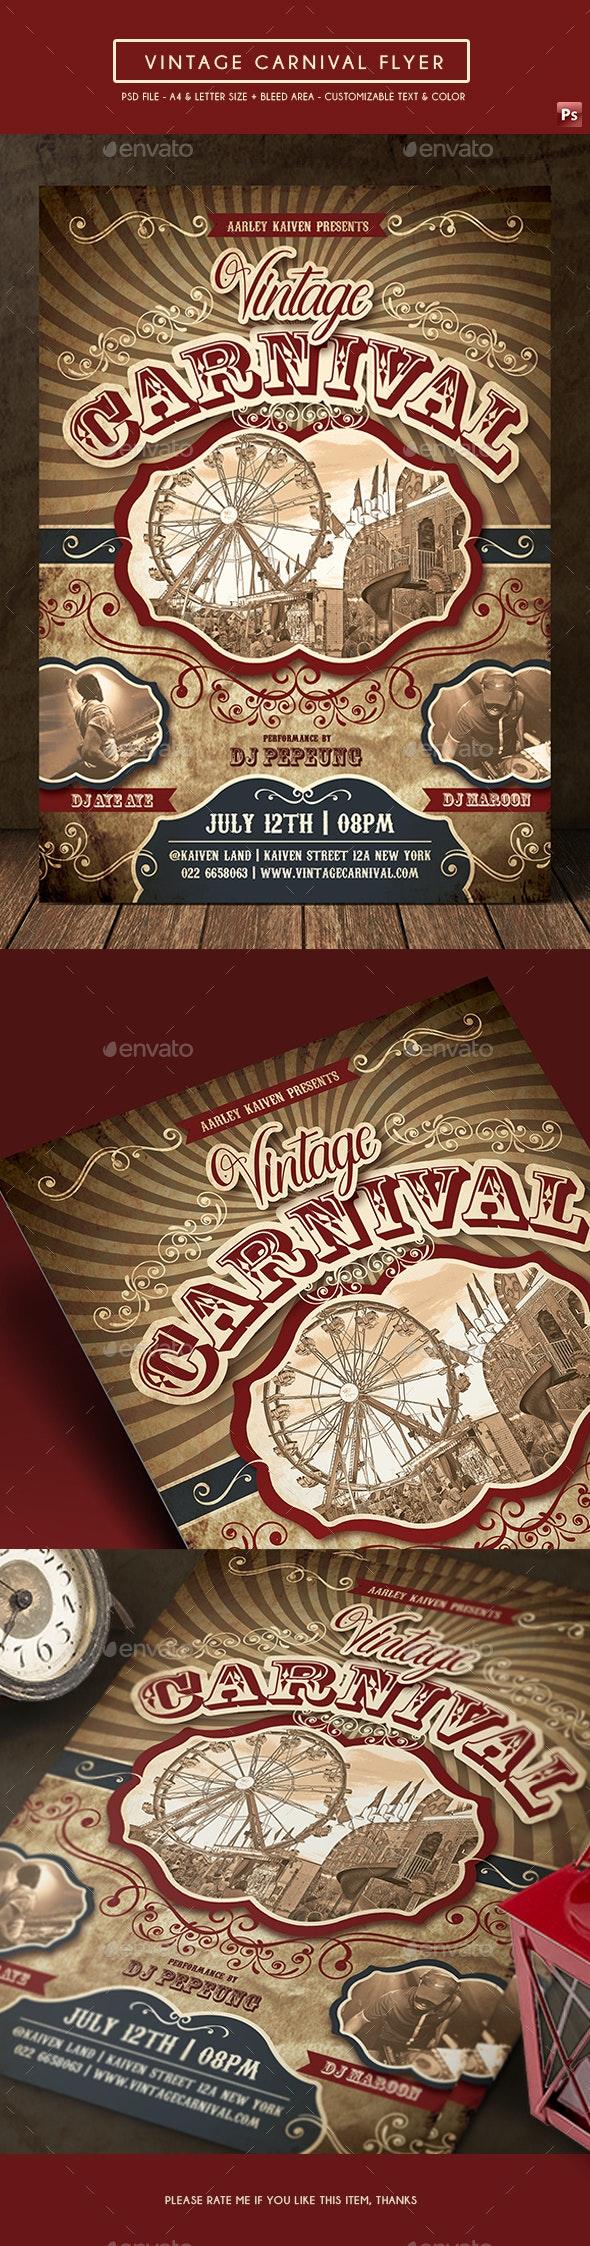 Vintage Carnival Flyer - Events Flyers